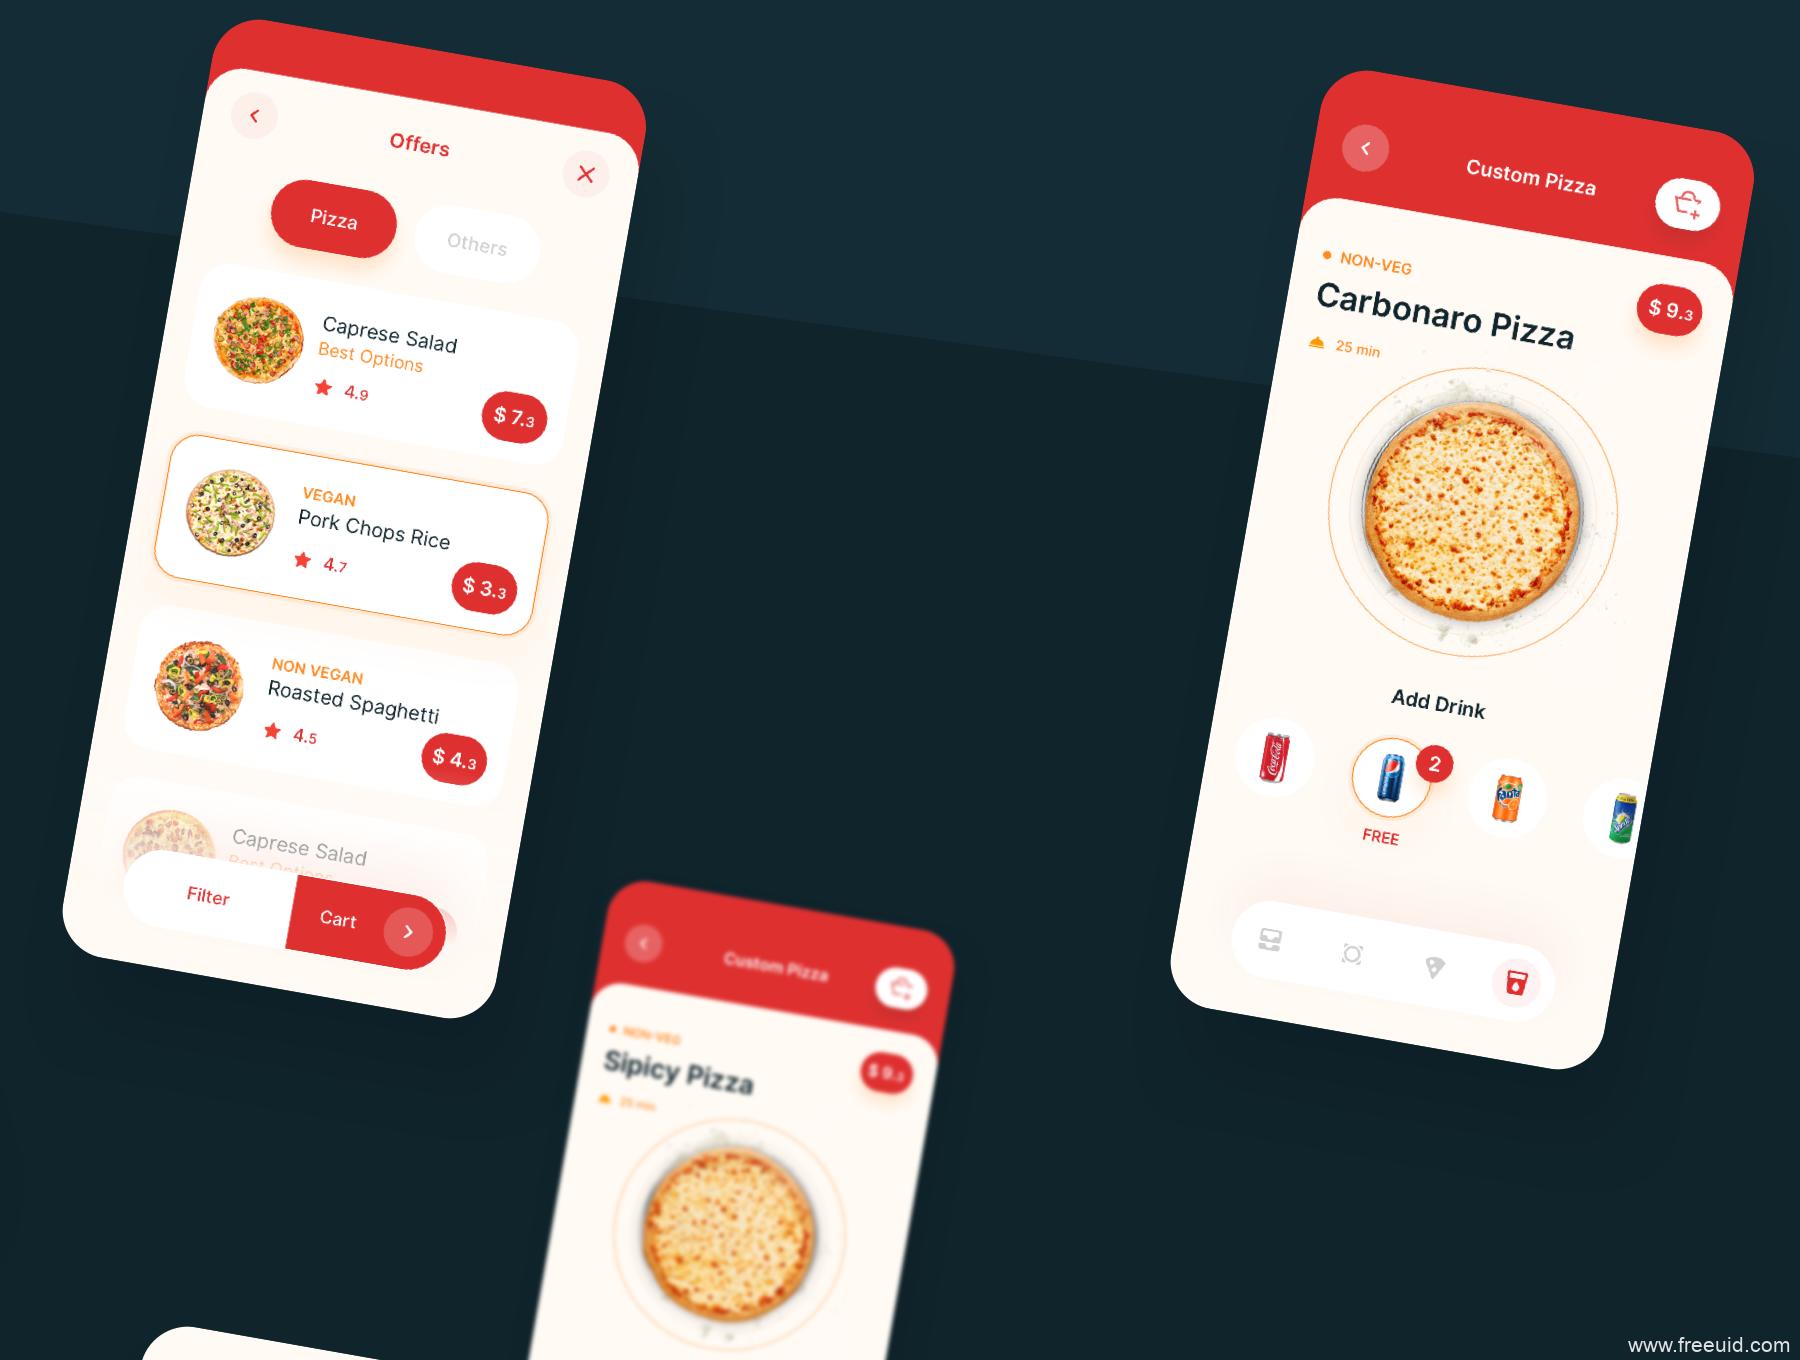 一款快餐外卖app UI kit下载,披萨外卖APP UI源文件下载,美食外卖app UI资源下载,sketch源文件